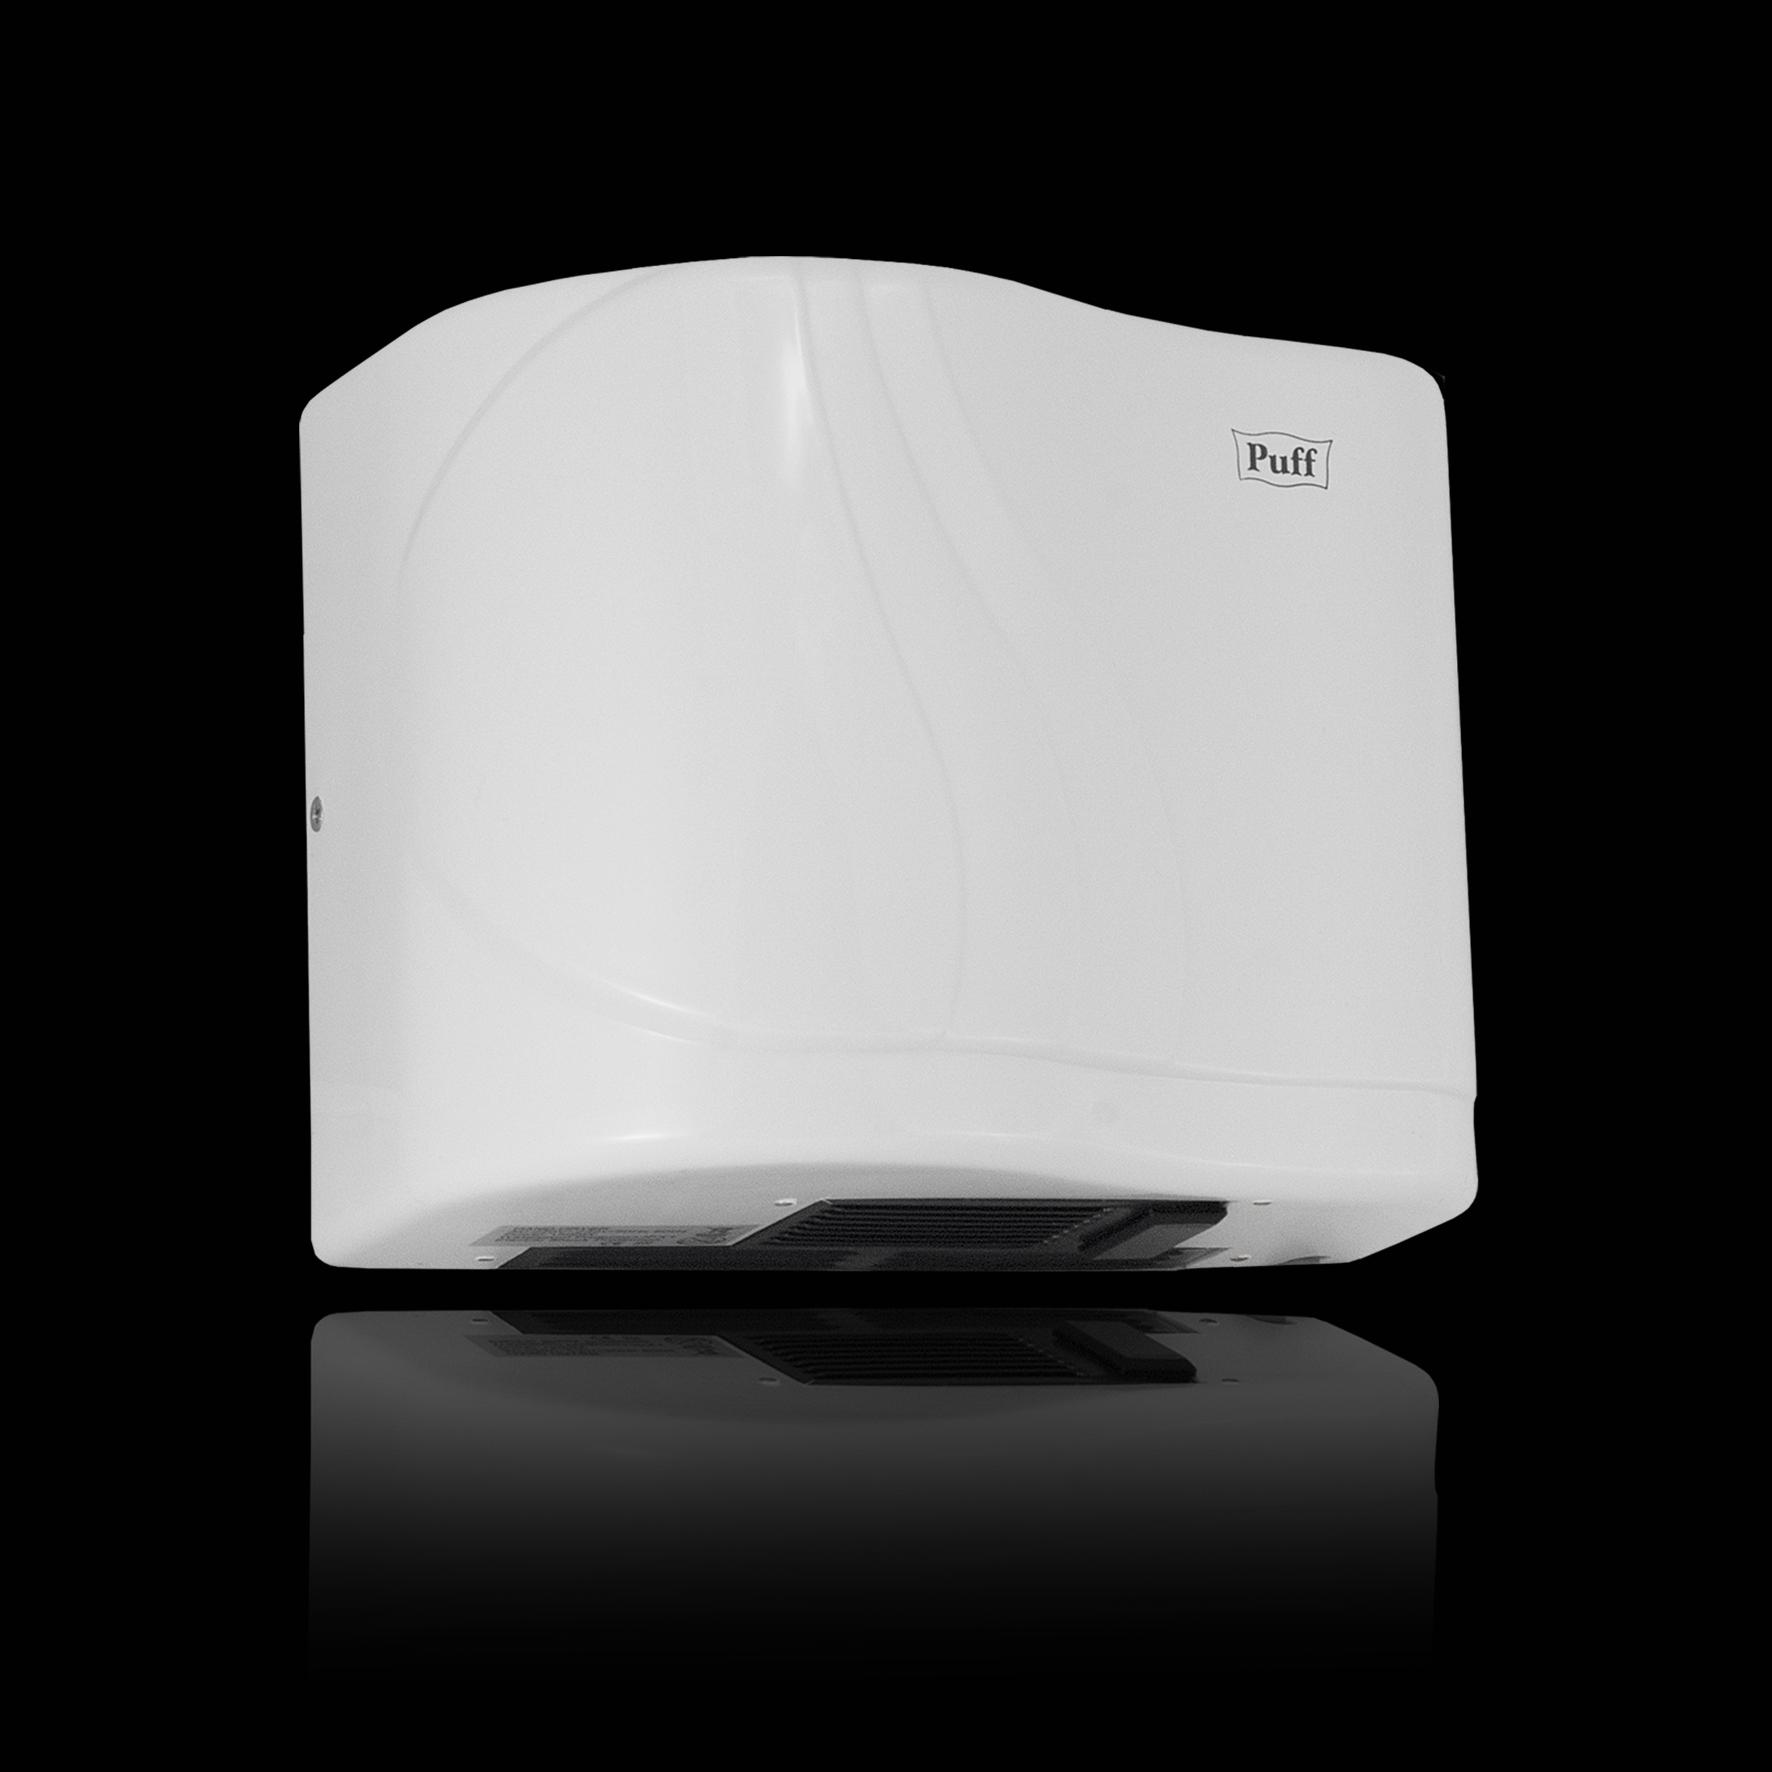 Тихая сушилка для рукPuff-8816 Подробнее   Малошумная. Универсальная и надежная.Беспроигрышный вариант для мест со средней и малой проходимостью.     Материал корпуса: ABC-платикЦвет: БелыйМощность (Вт): 1500Скорость воздушного потока (м/сек): 16Время сушки рук (сек): 15Механизм включения: автоматическийОбласть срабатывания сенсора, см: 5-20Уровень шума, дБ: 55Температура воздушного потока, С: 55-65°СКласс влагозащищенности: IPX1Защита от перегрева/перегрузки: даВес брутто/нетто, кг: 2,5/2,25Габаритные размеры (мм) (ШхГхВ): 265*155*200Гарантия: 12 мес.